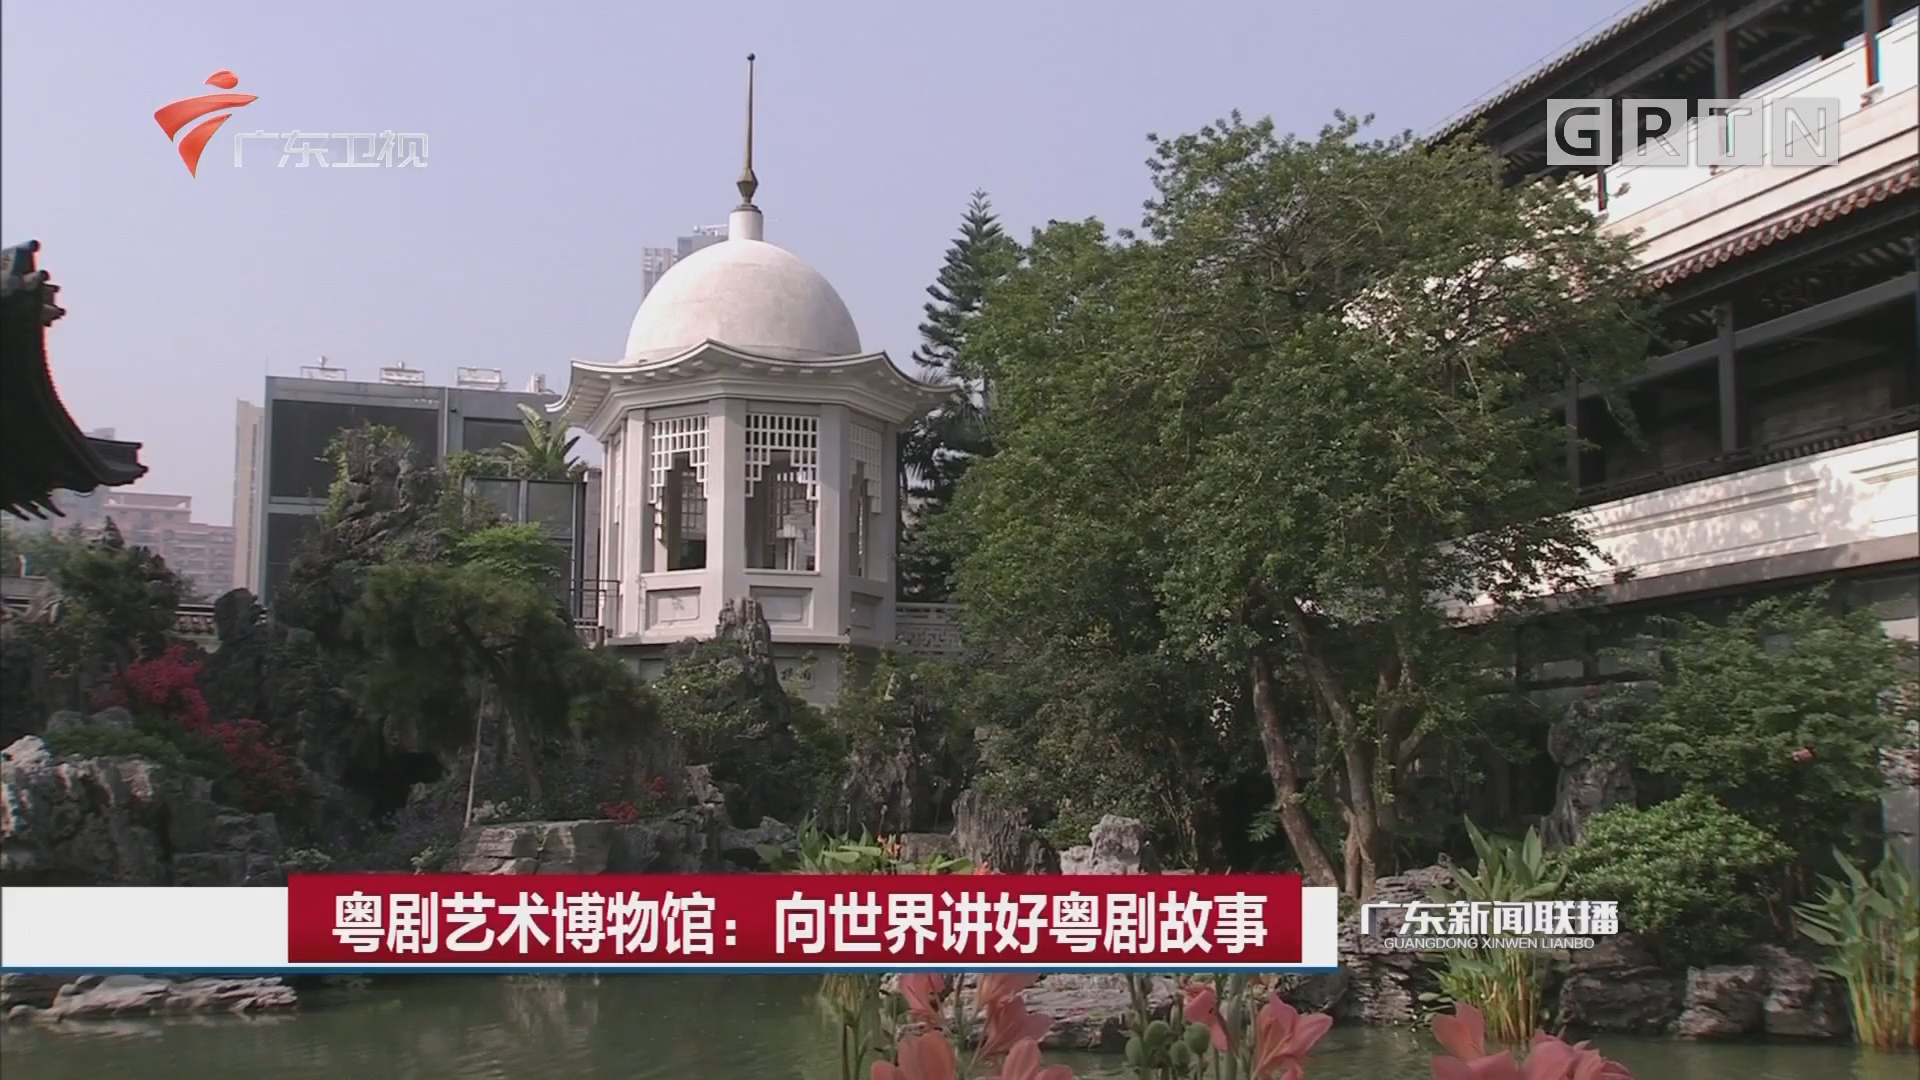 粵劇藝術博物館:向世界講好粵劇故事